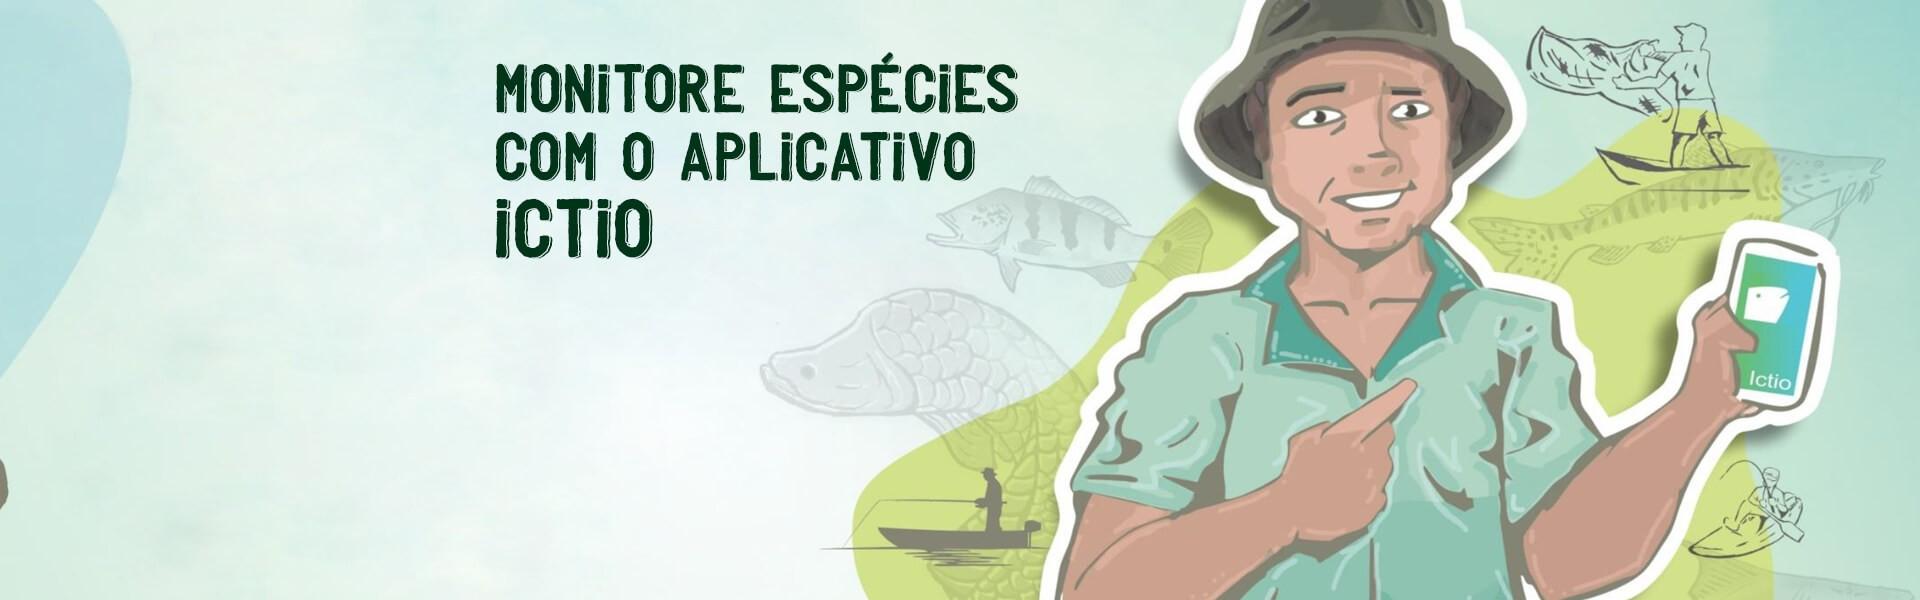 Aplicativo Ictio: saiba como mapear peixes amazônicos